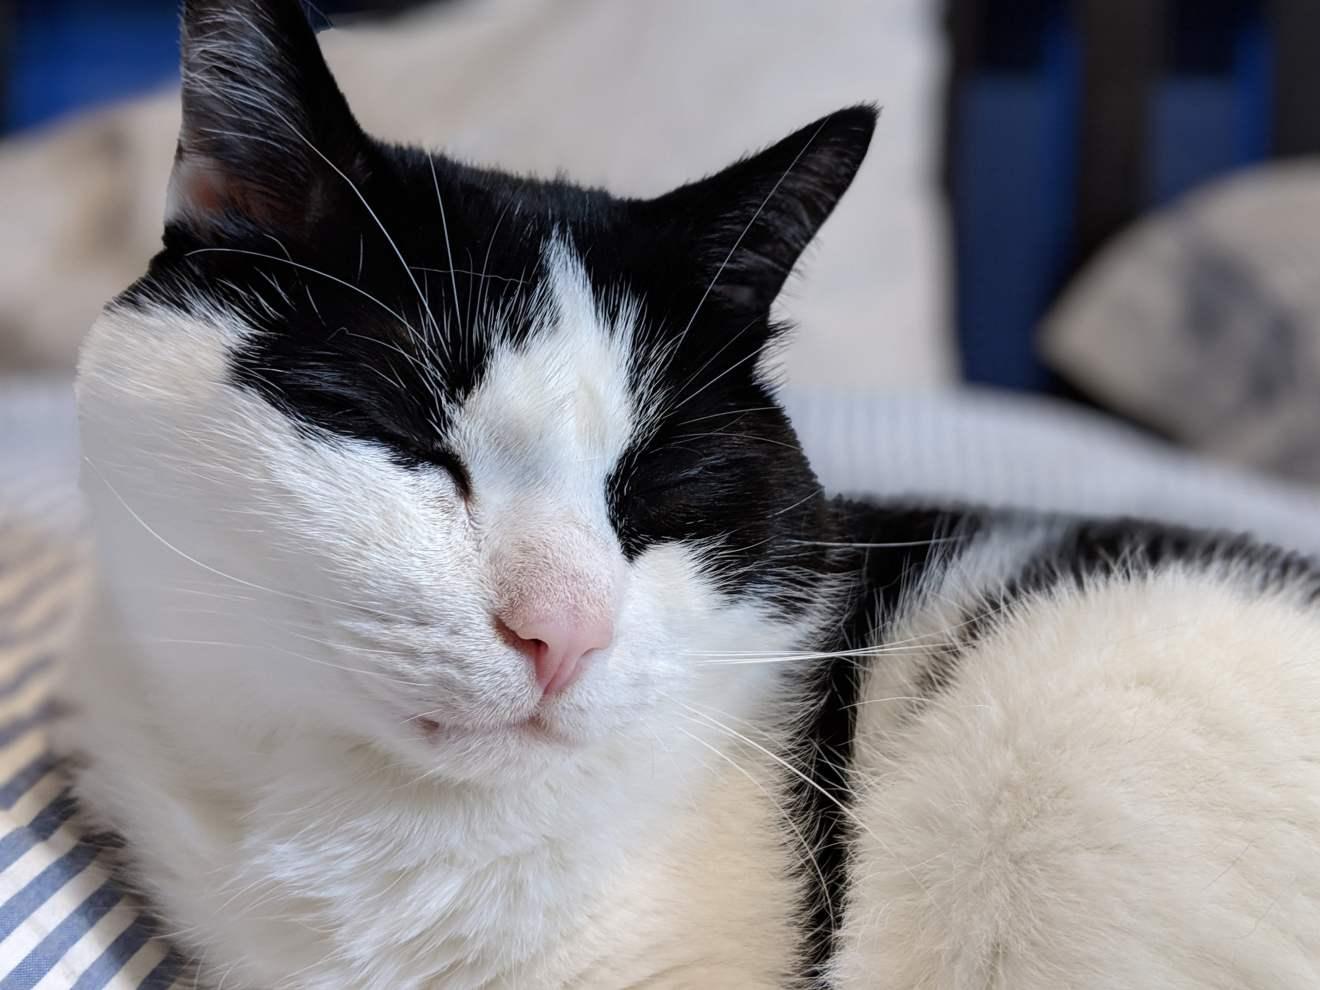 Byron, napping